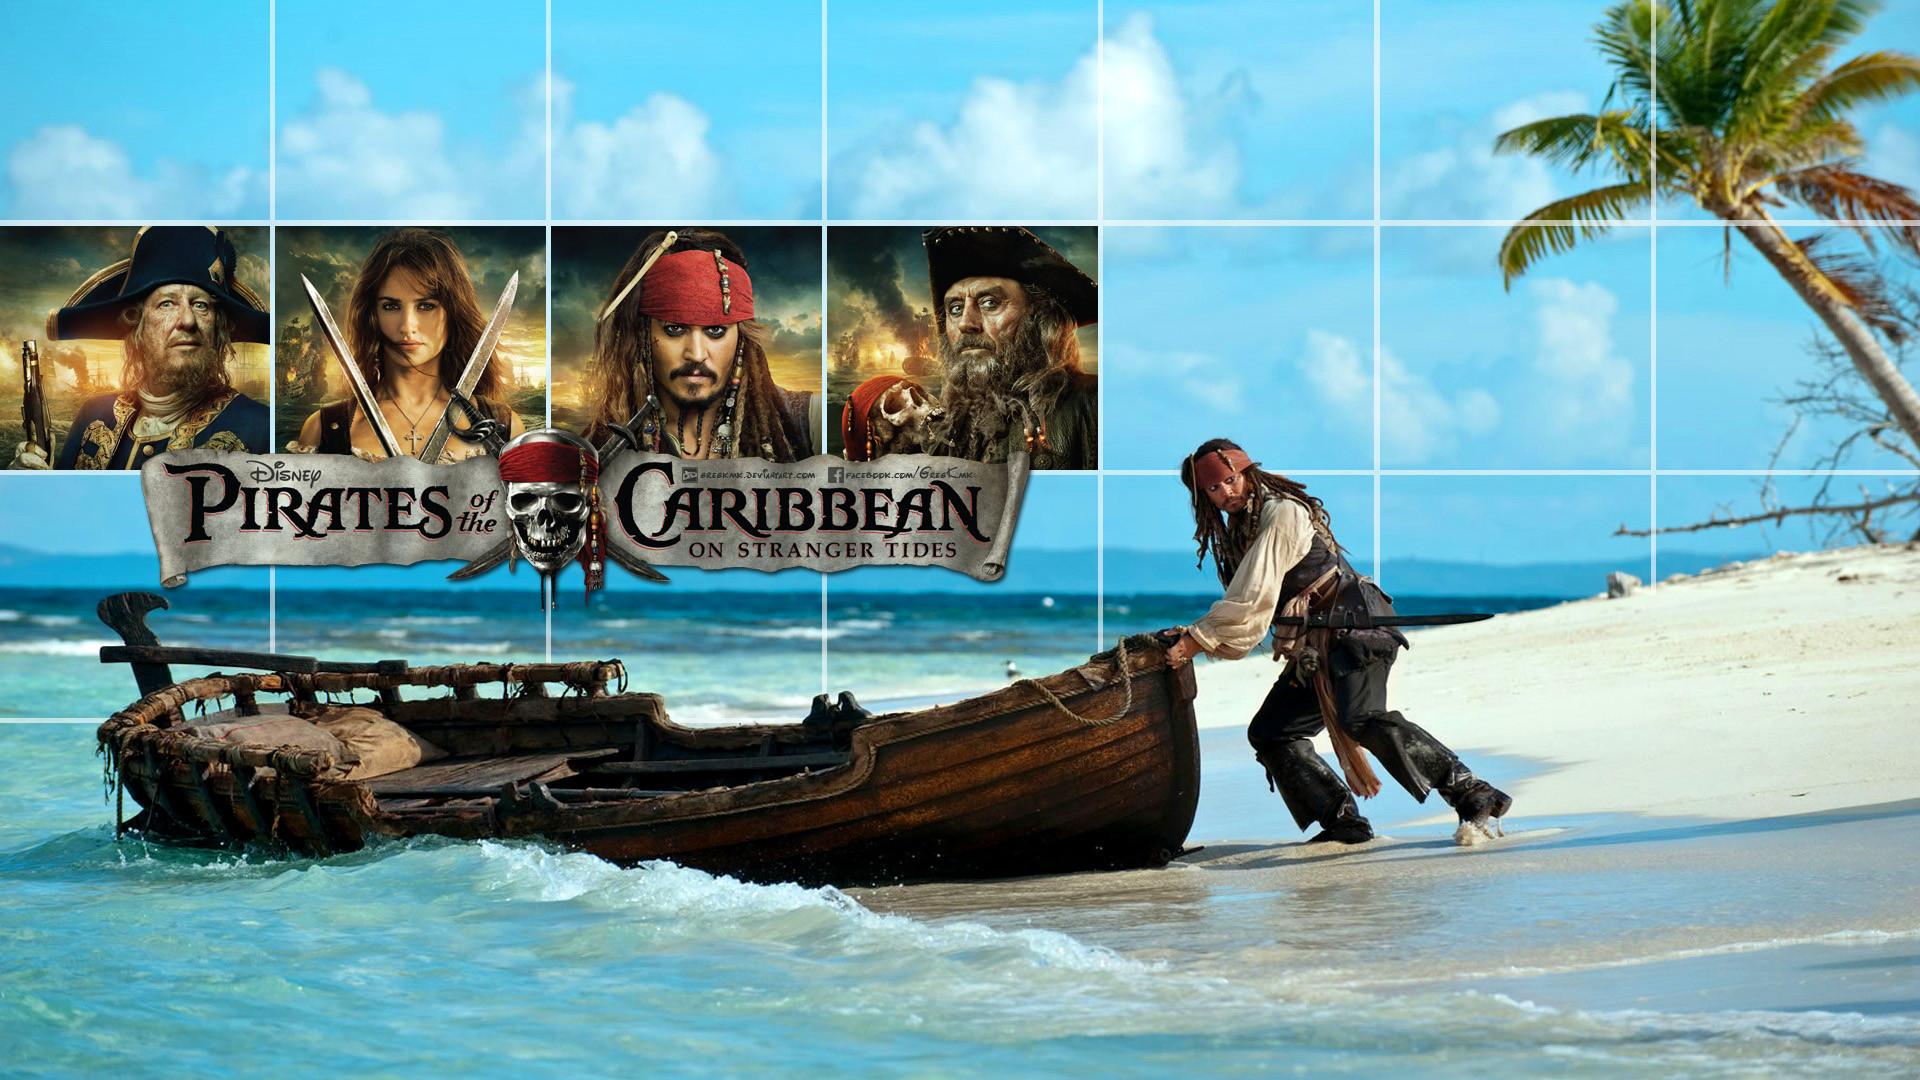 пираты карибского моря джек воробей море природа остров песок лодка вода  № 1386148 загрузить